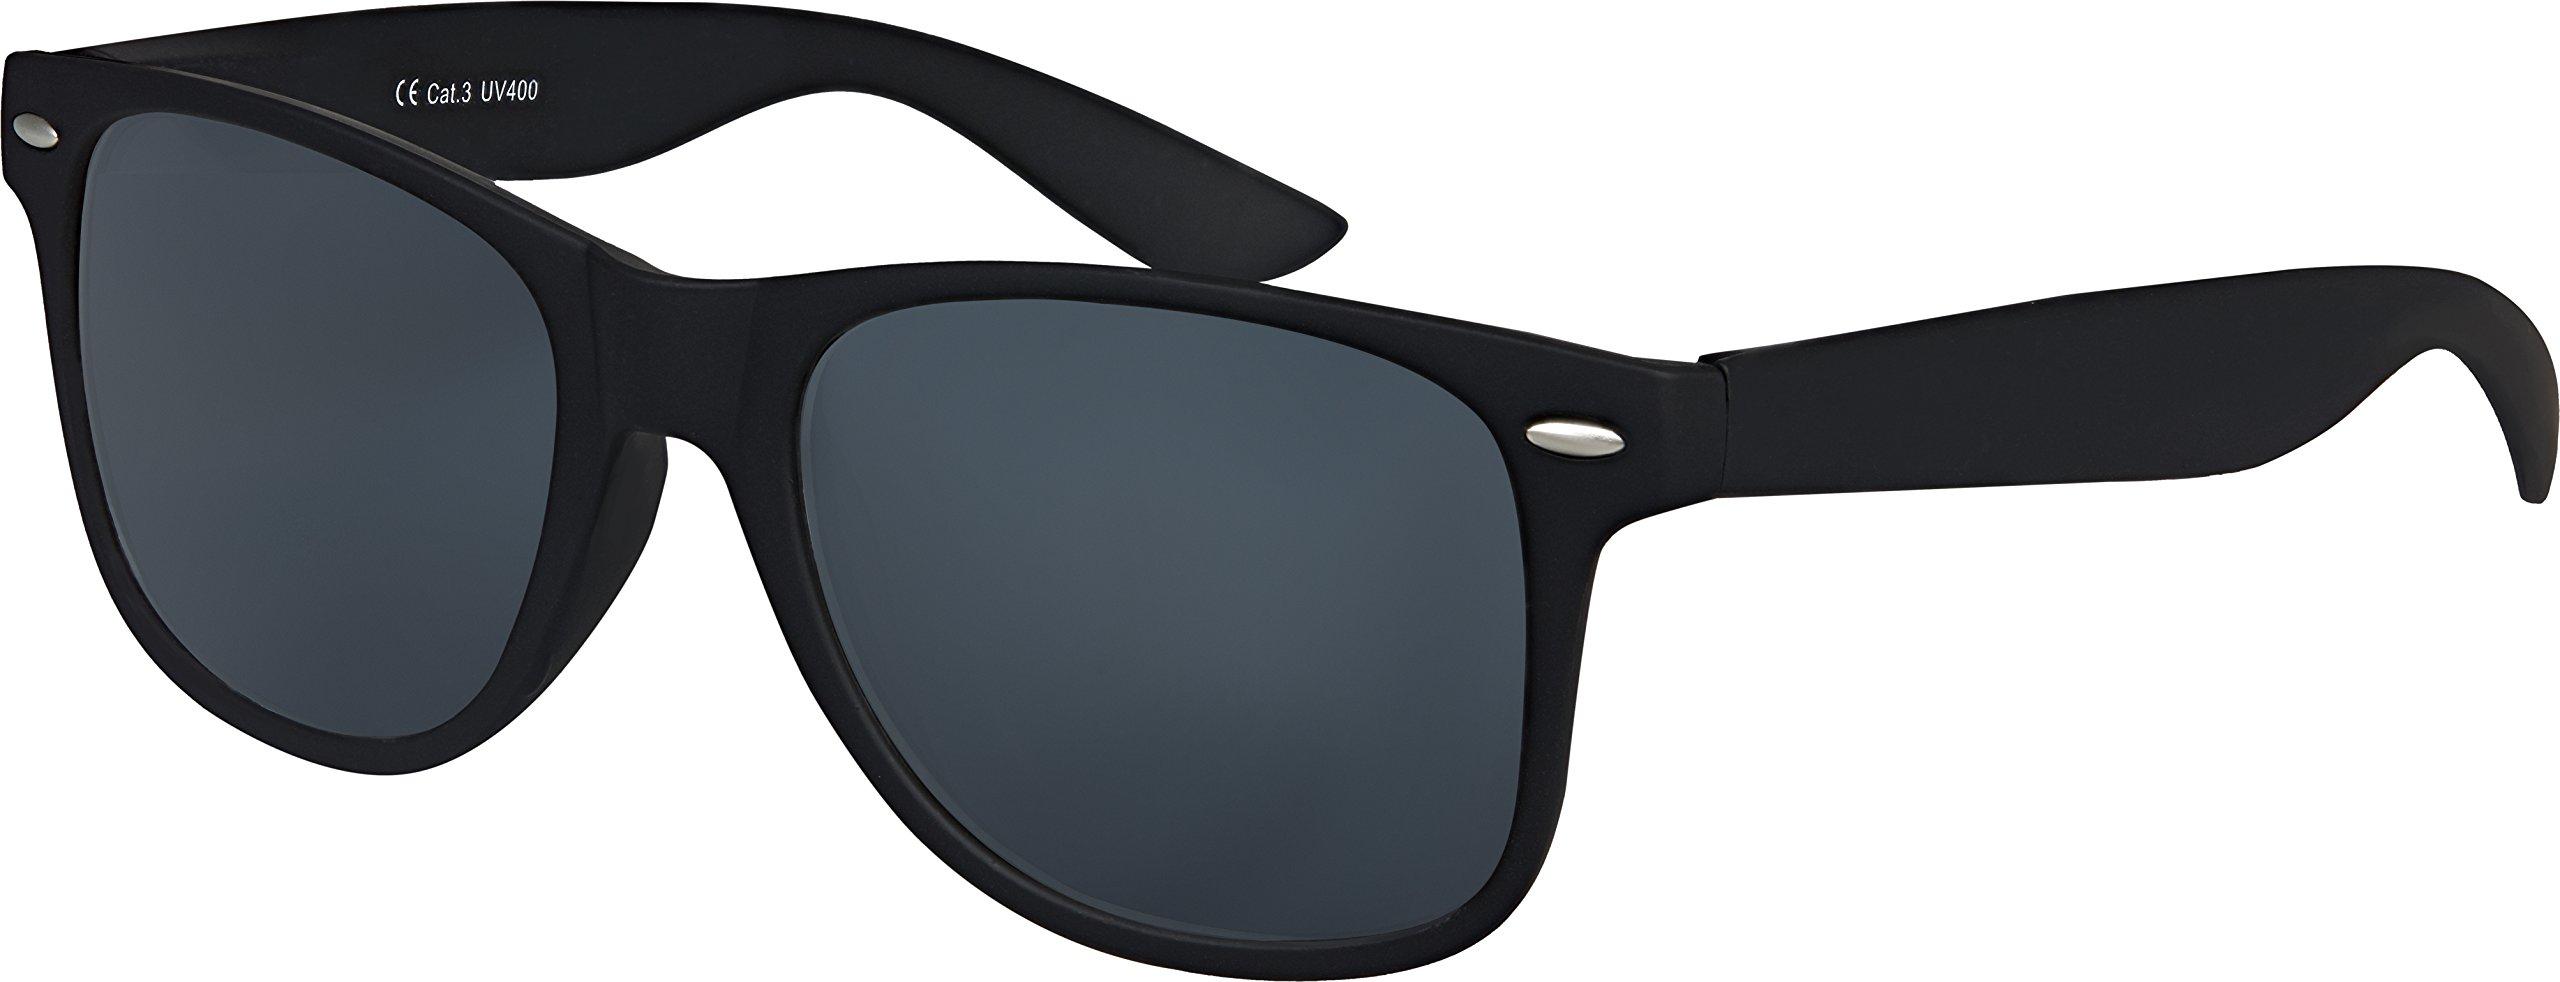 Am besten bewertete Produkte in der Kategorie Sonnenbrillen für ...